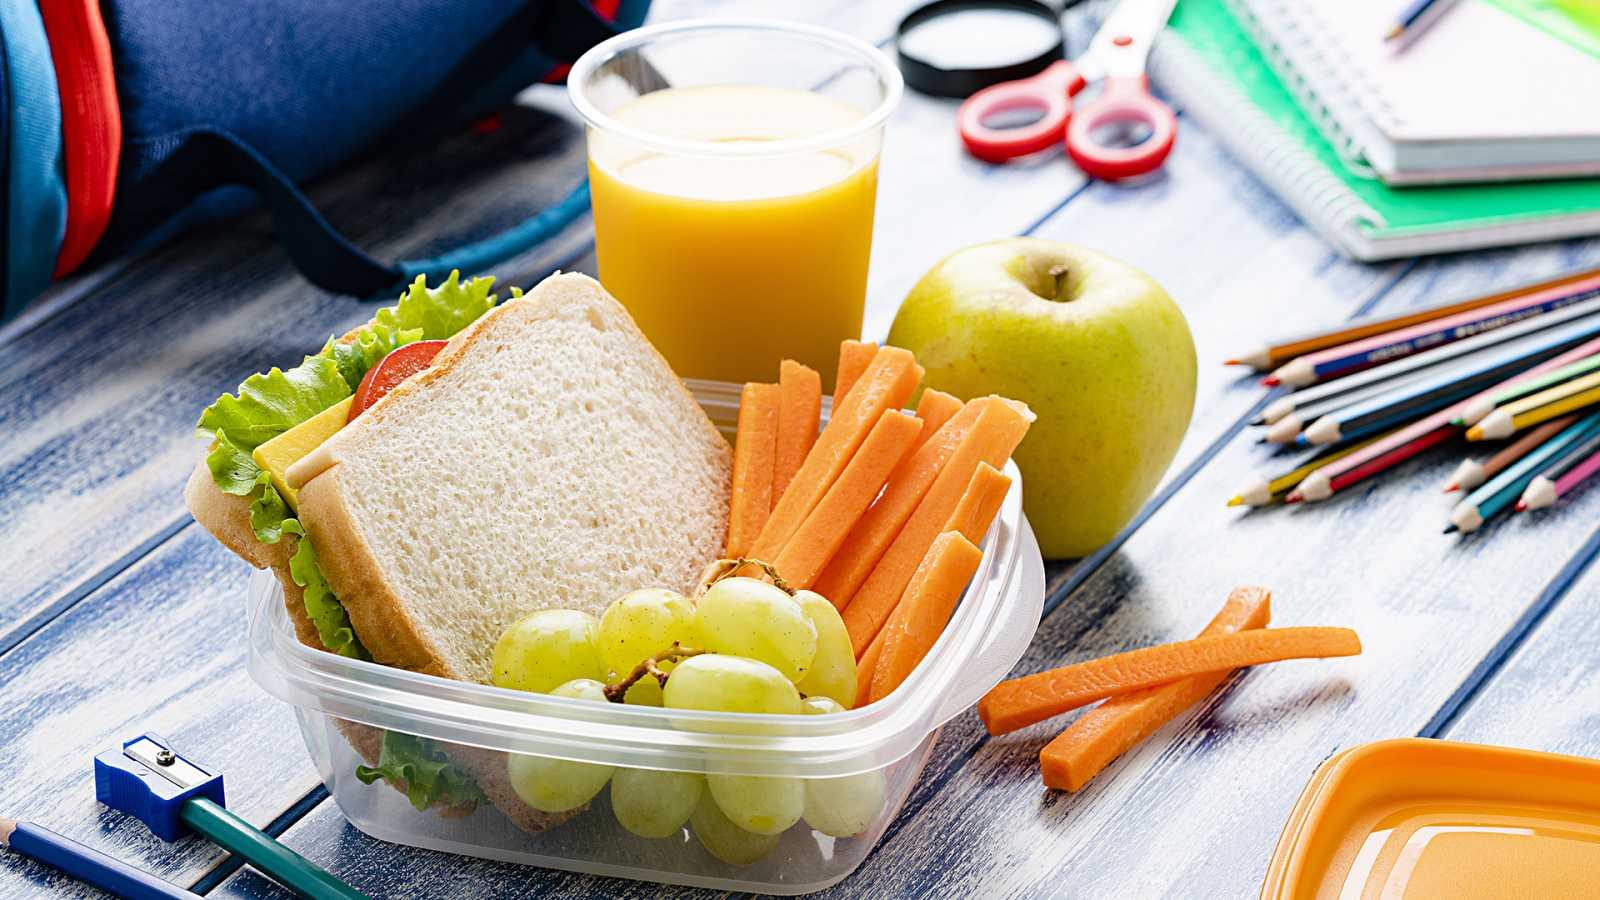 El desayuno y merienda más saludable, según Elisa Blázquez